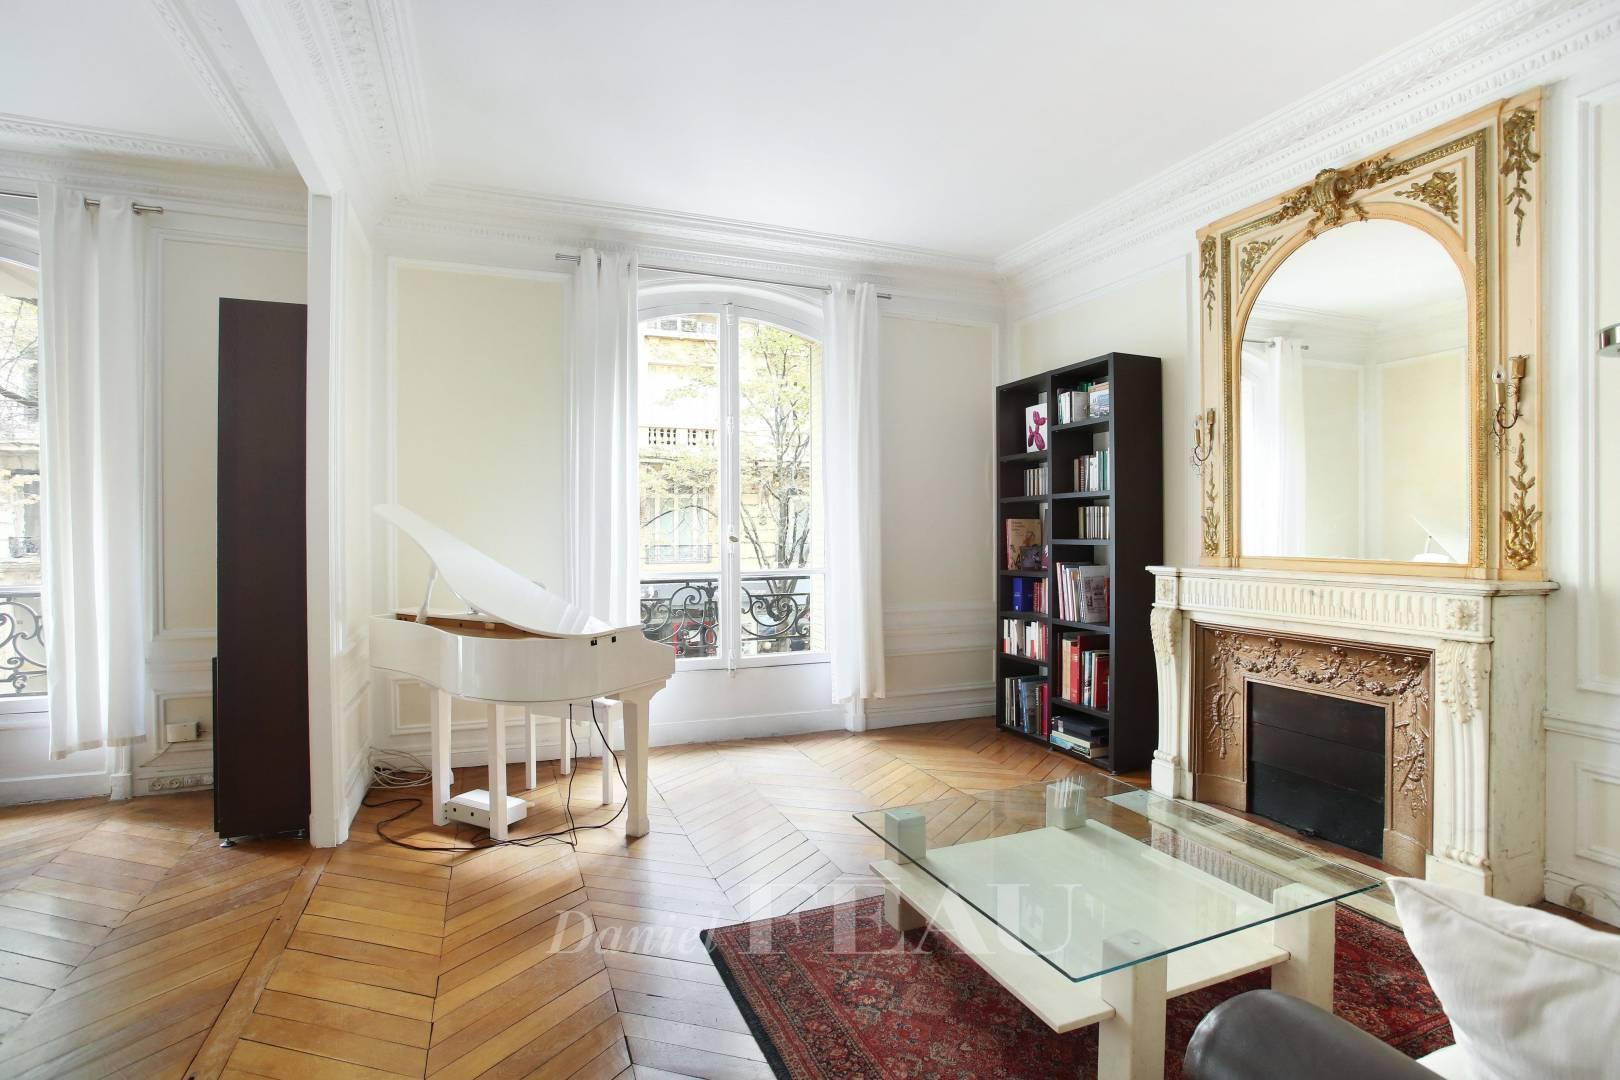 Salon Parquet Cheminée